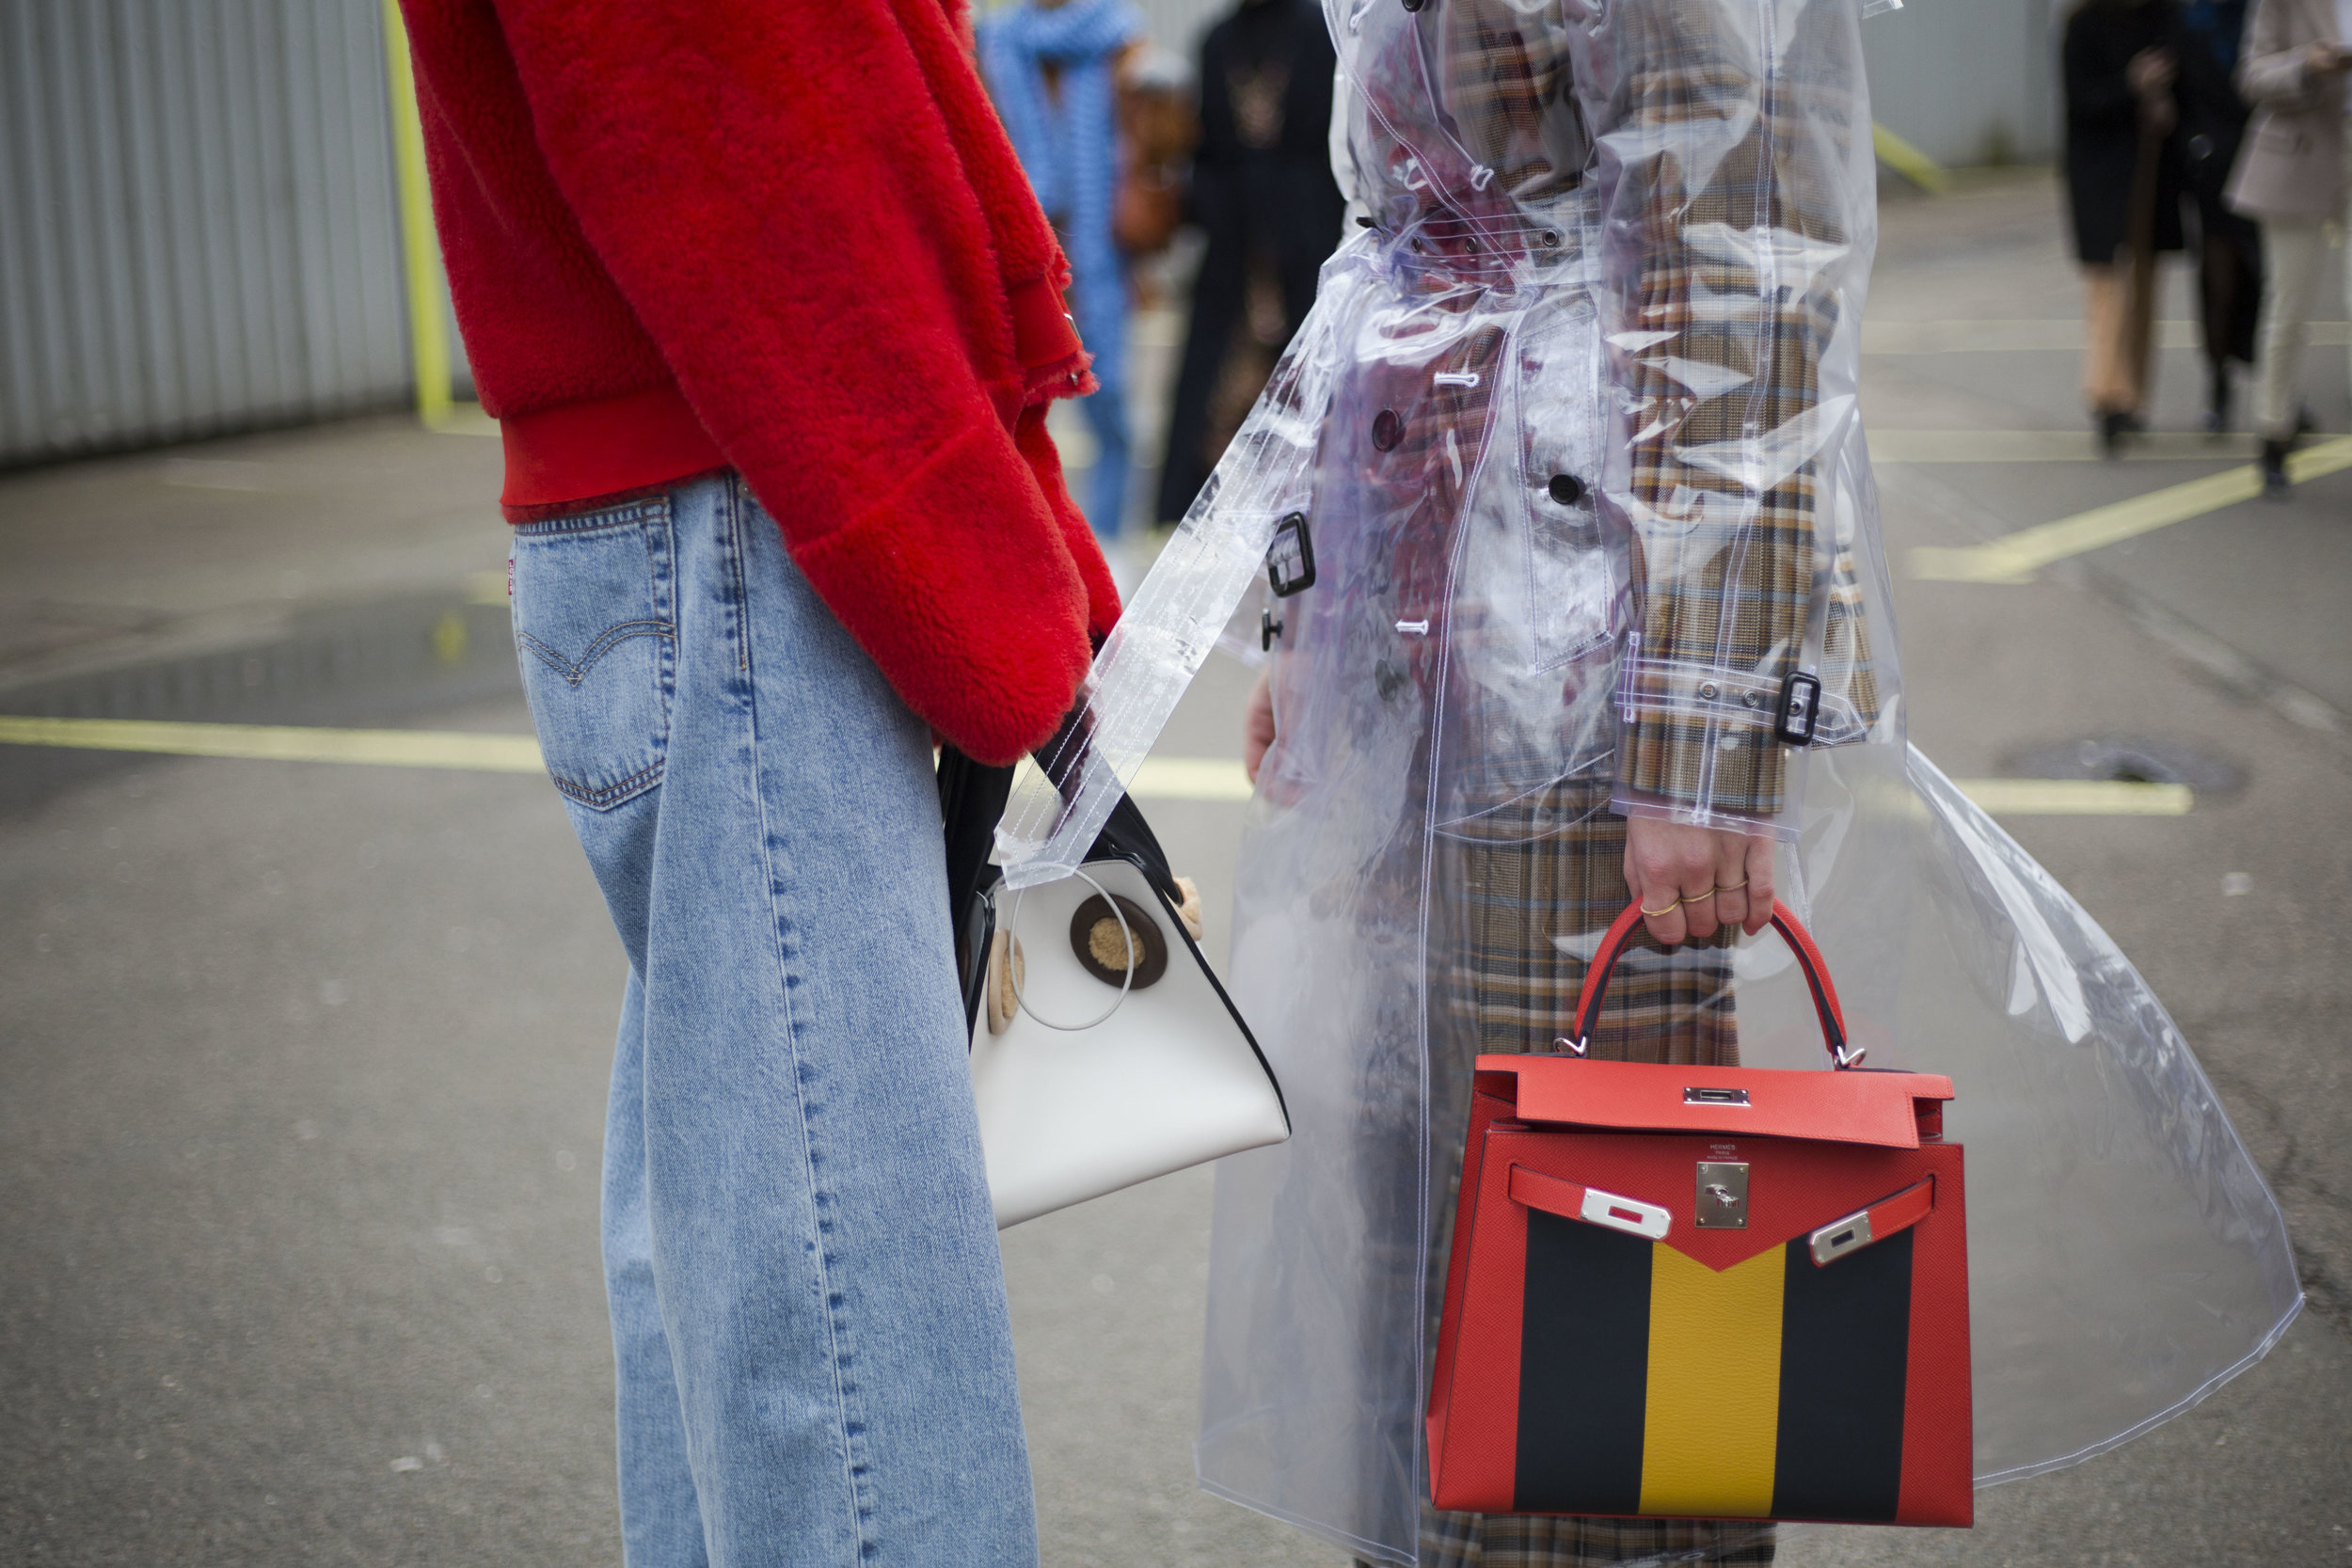 copenhagen-fashion-week-scandinavian-street-style-streetstyle-thestreetland-fashion-best-style.jpg